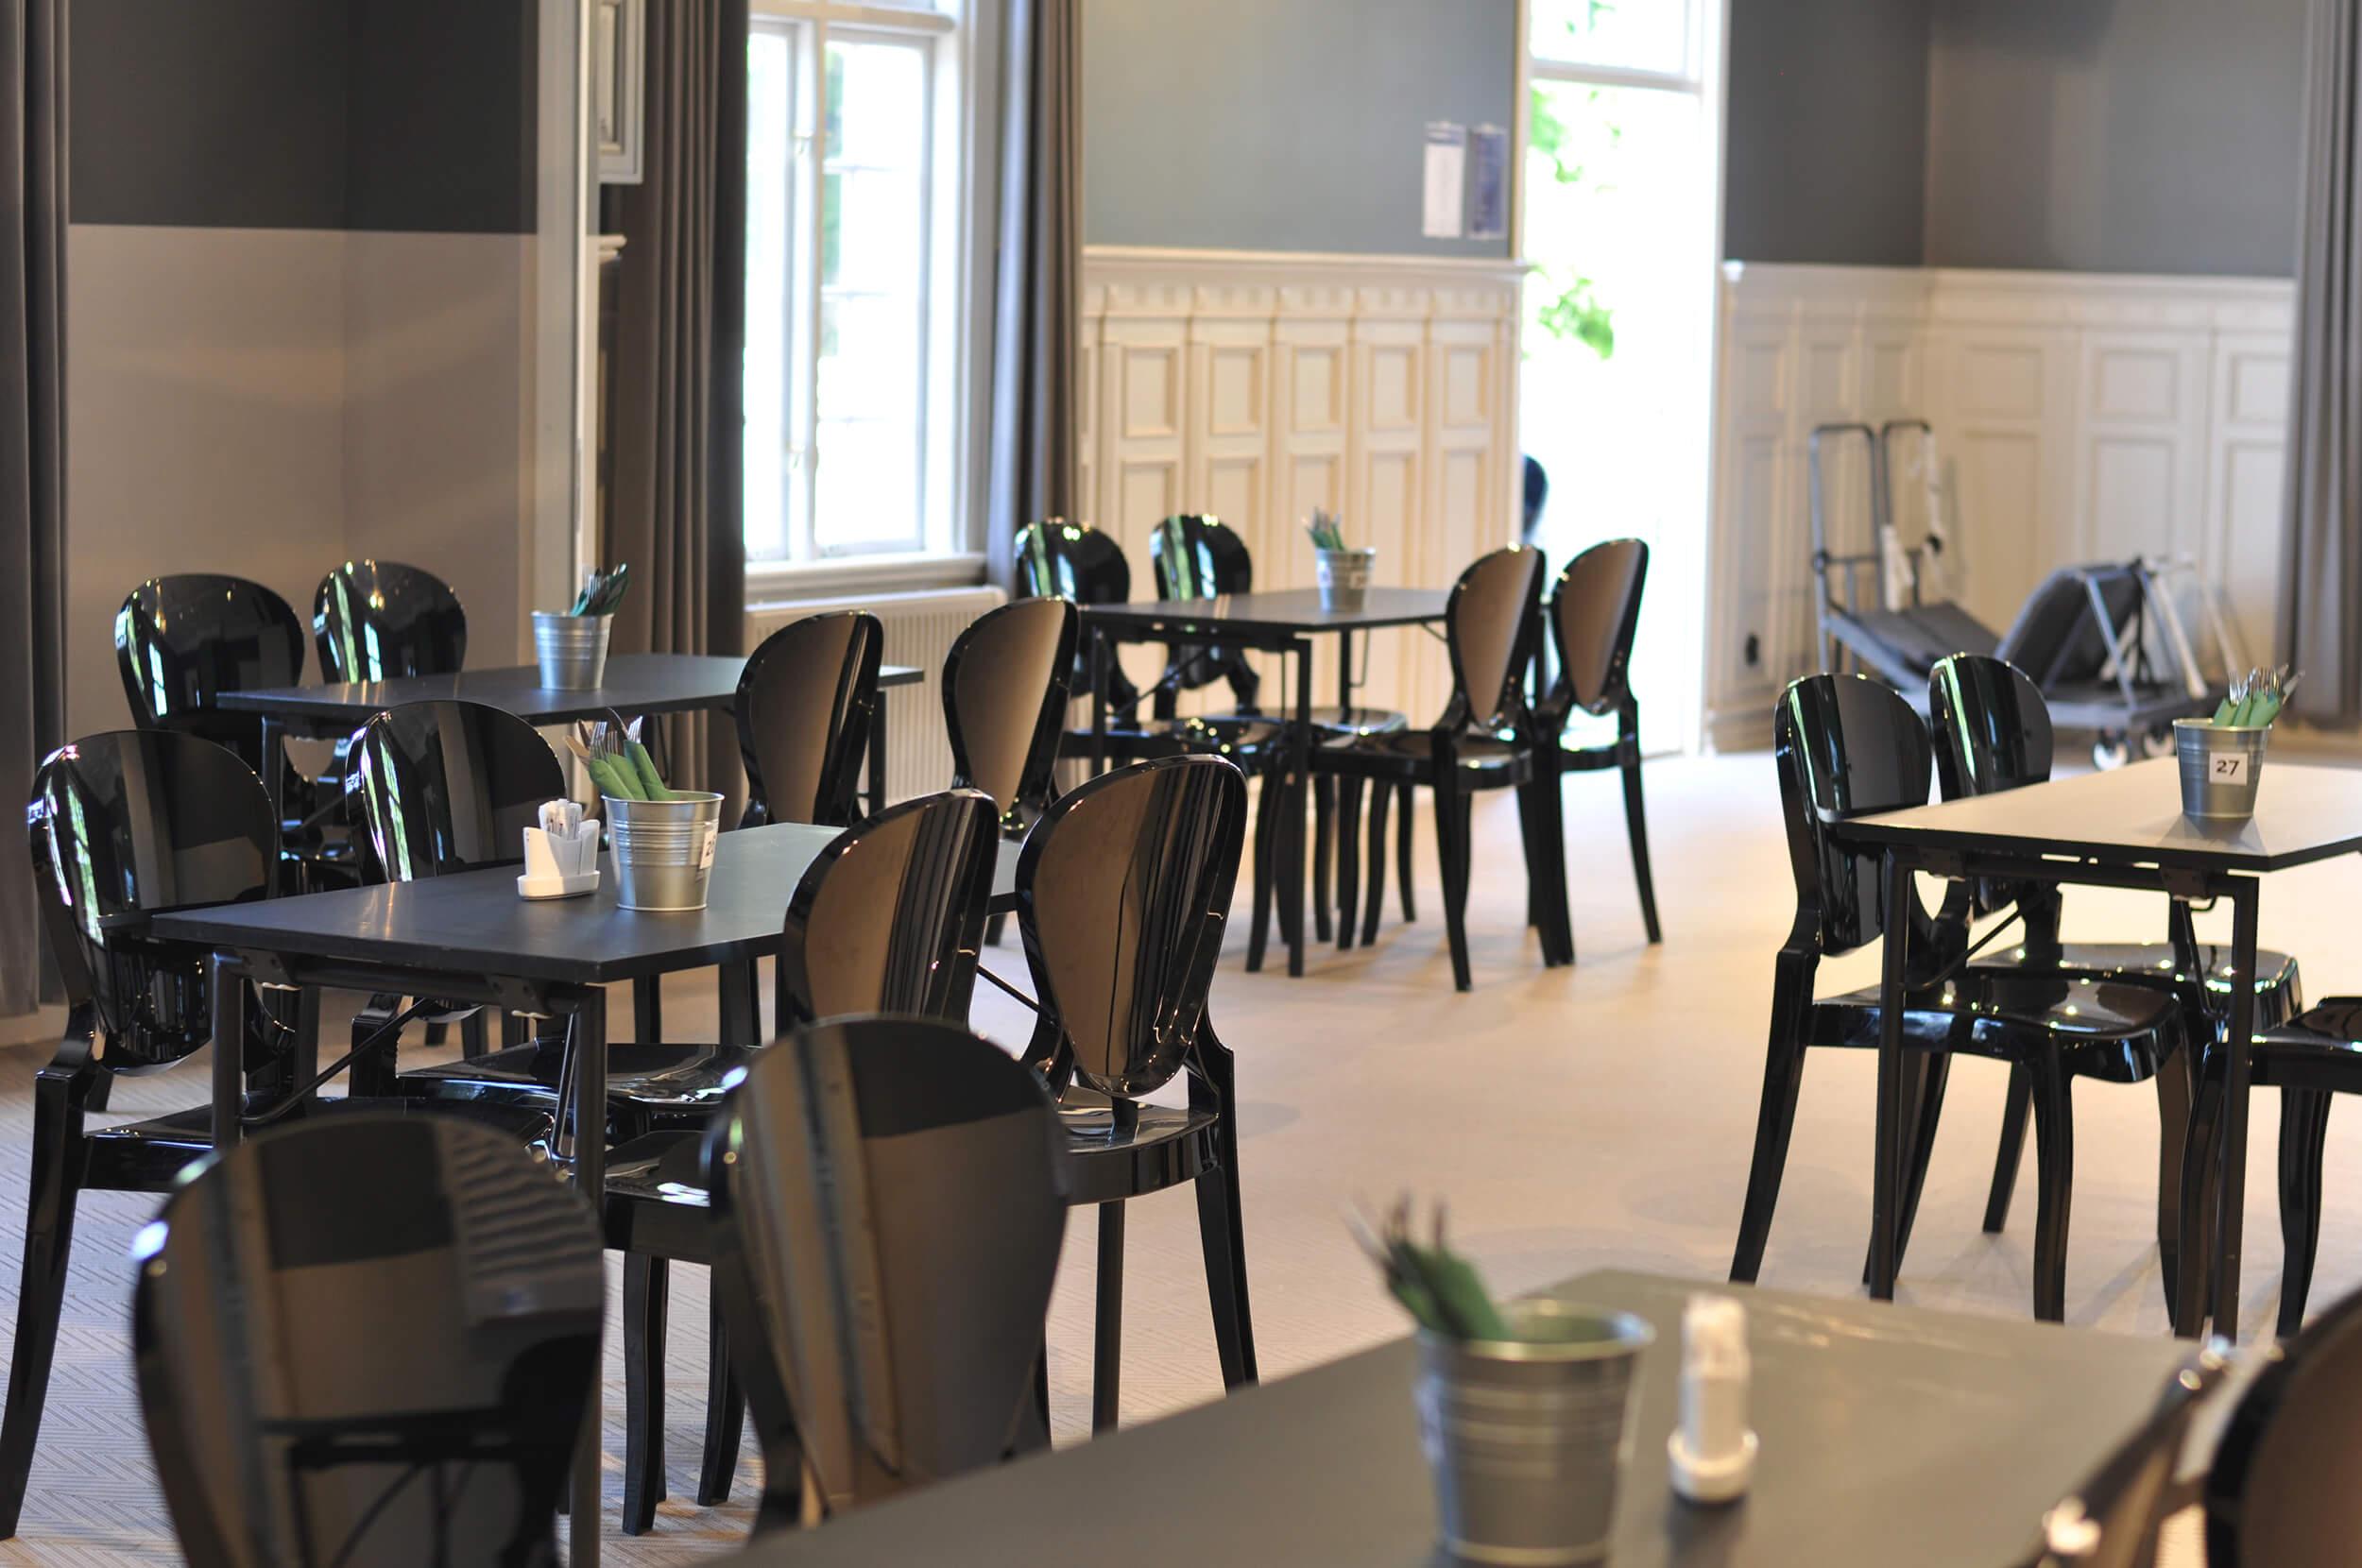 Bild på matsal med svarta bord och stolar